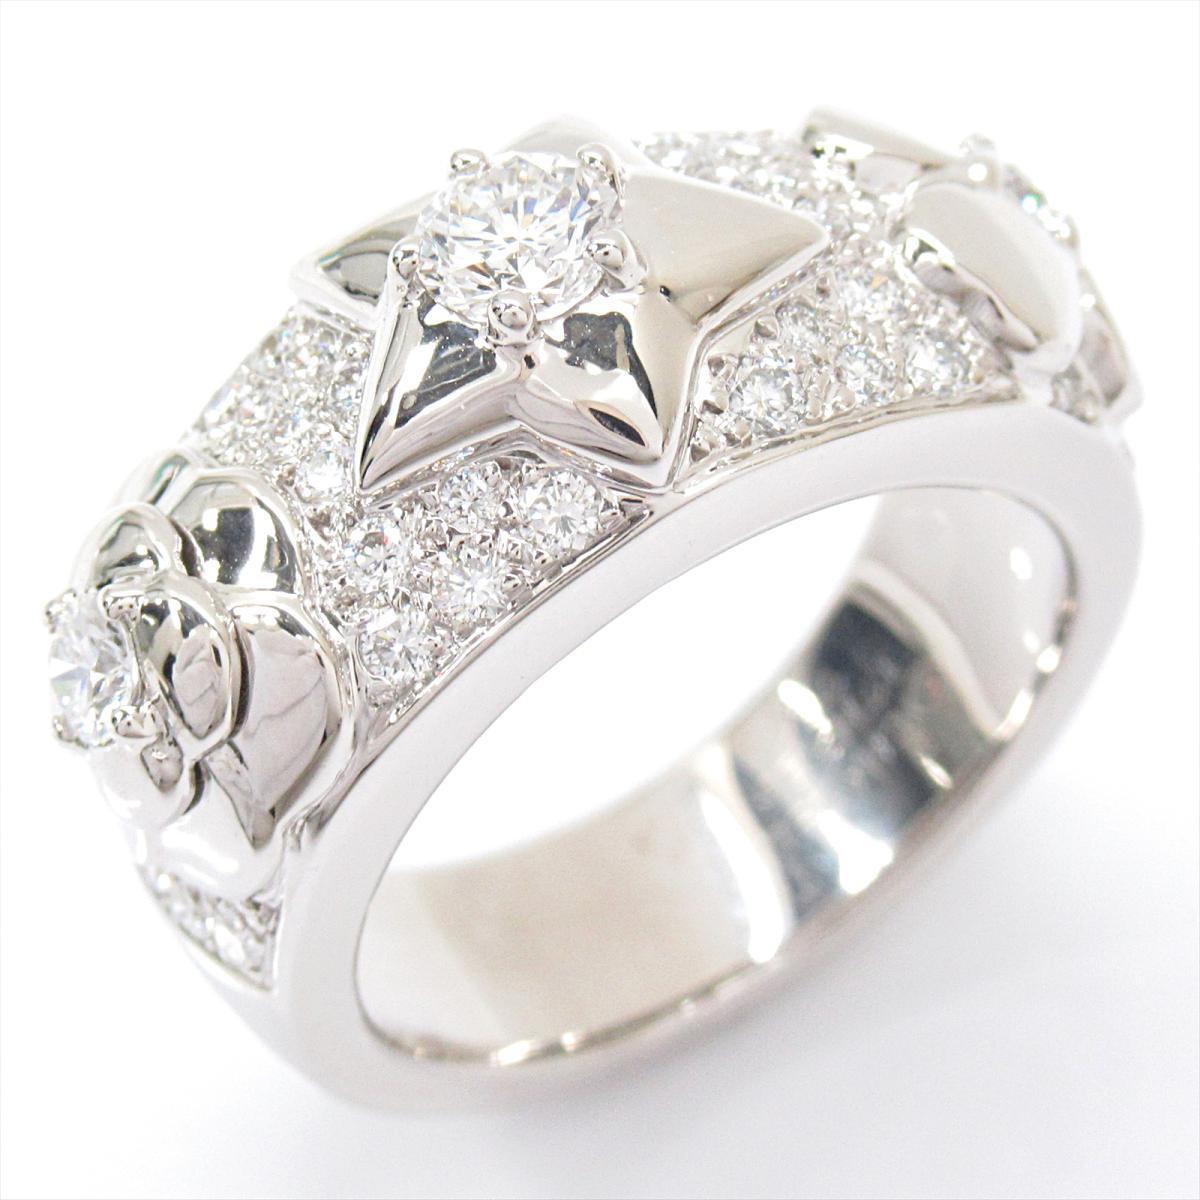 シャネル スリーシンボル ダイヤモンド リング 指輪 ブランドジュエリー レディース K18WG (750) ホワイトゴールド x (石目なし) 【中古】 | CHANEL BRANDOFF ブランドオフ ブランド ジュエリー アクセサリー